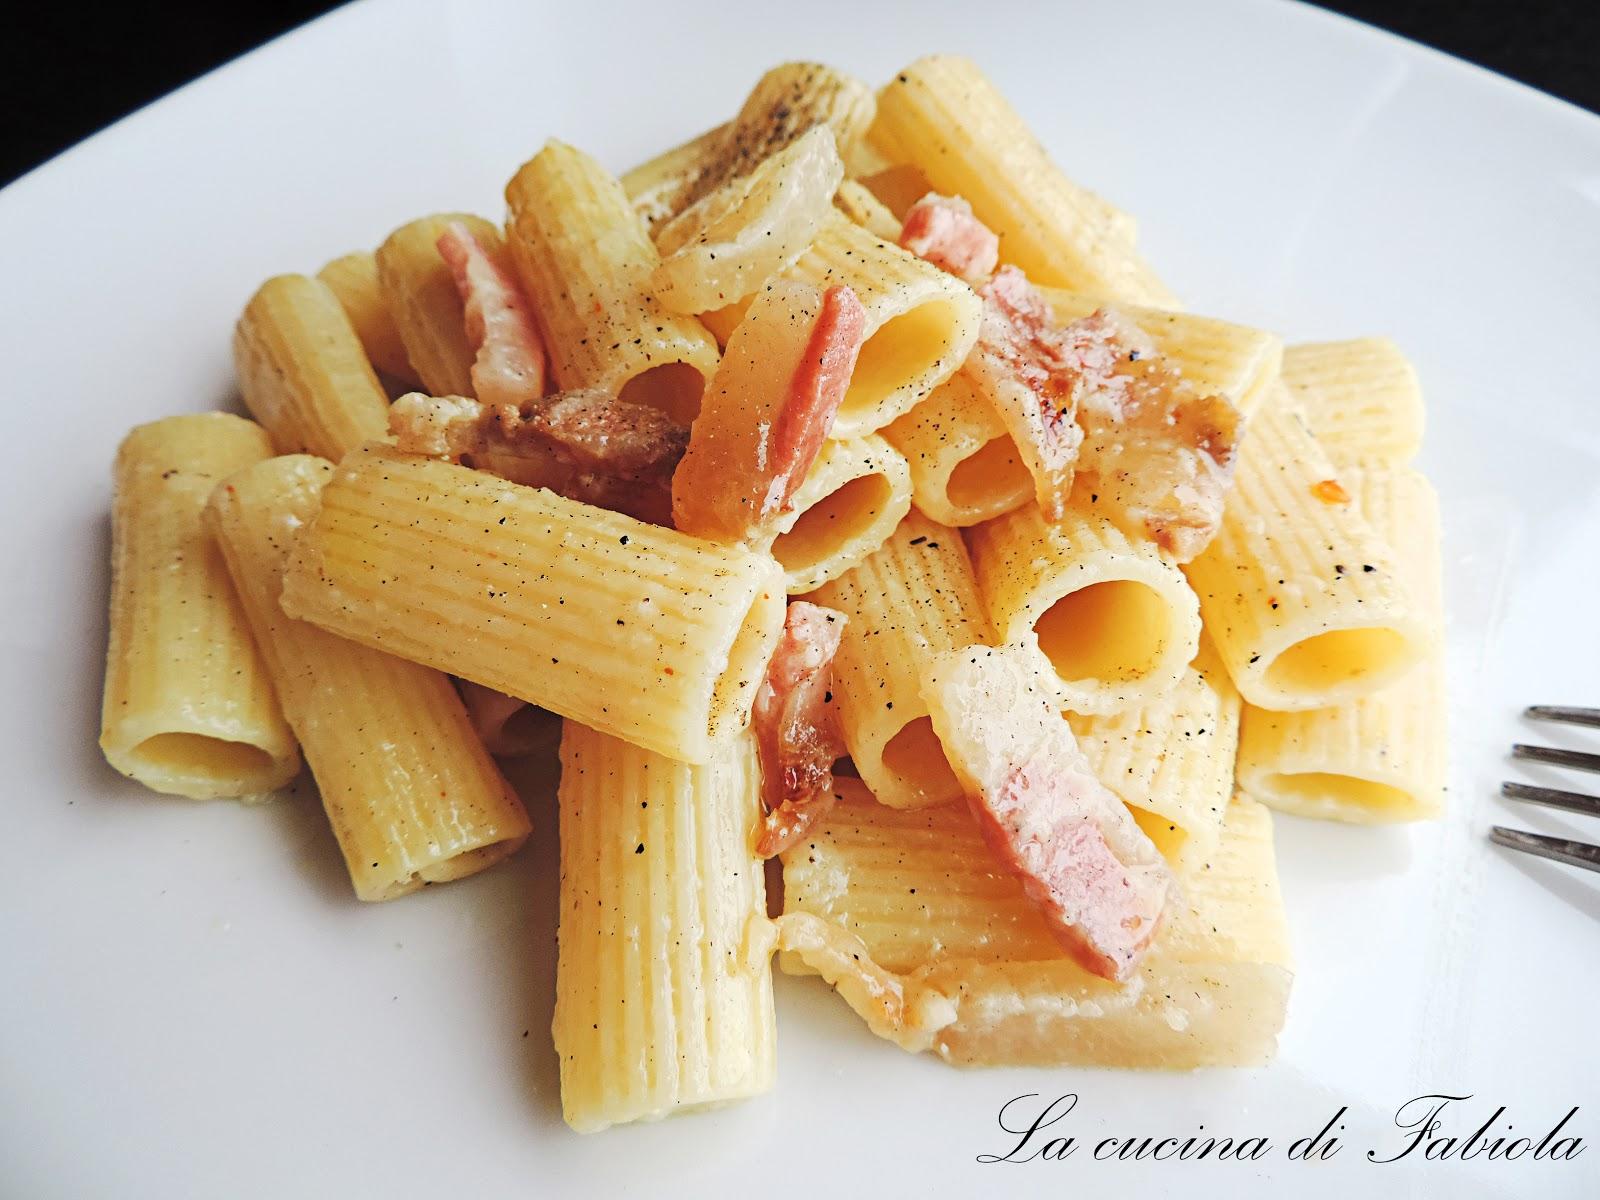 Rigatoni alla gricia la cucina di fabiola for Ricette romane antiche